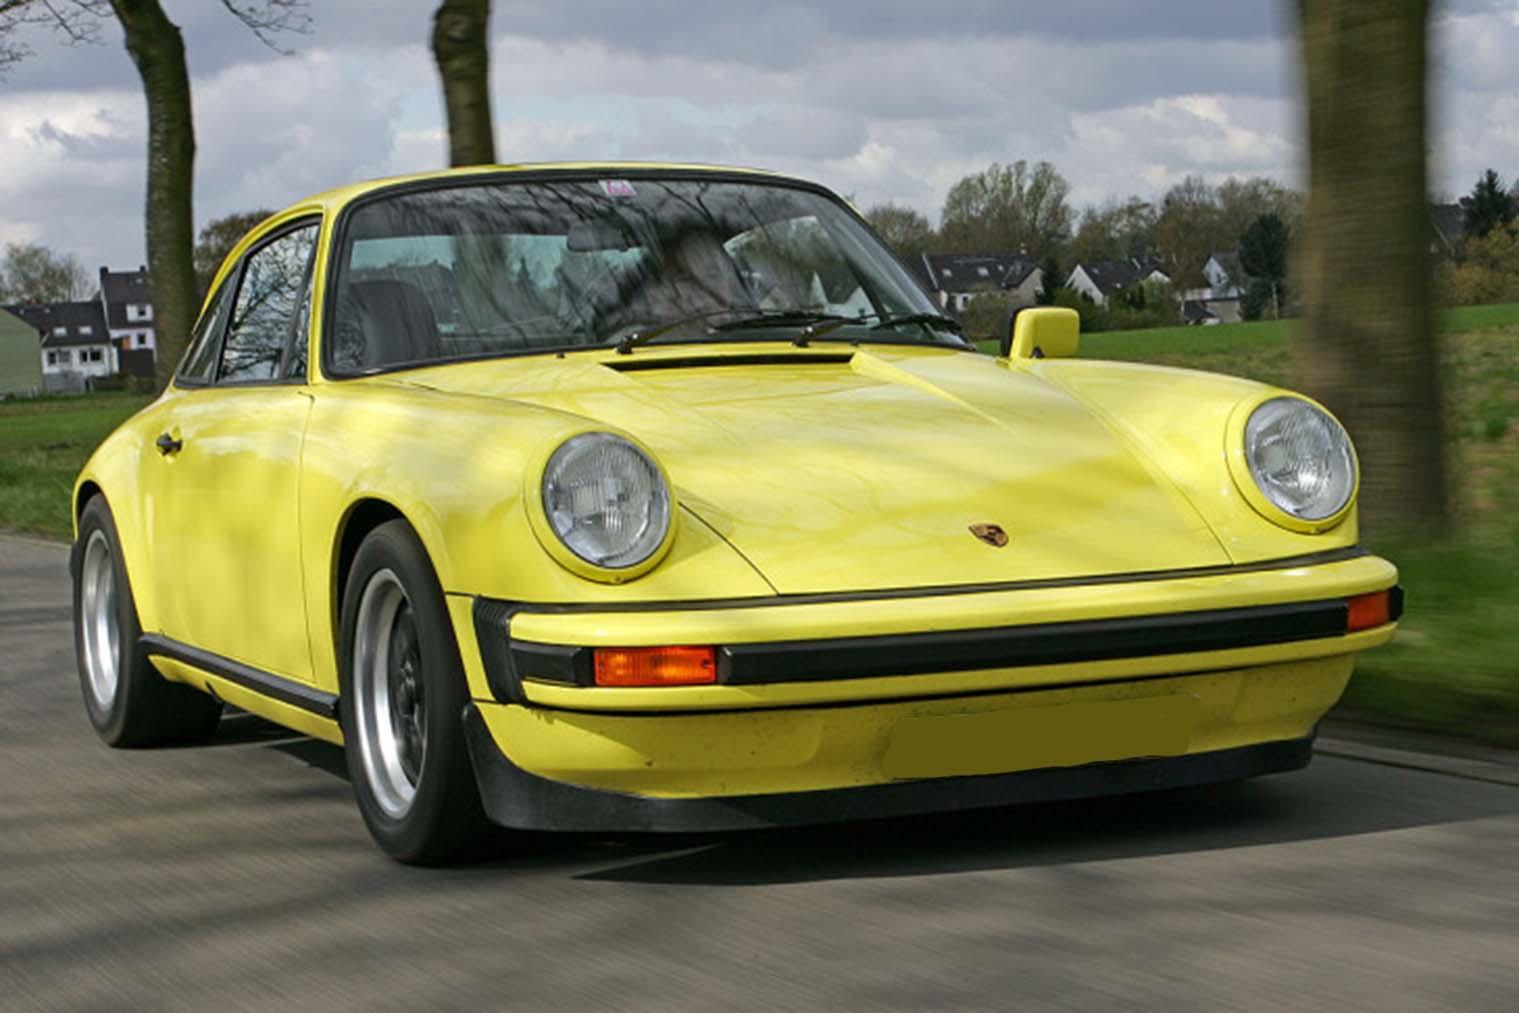 Porsche-911-Carrera-2-7-von-1973-vorne.jpg